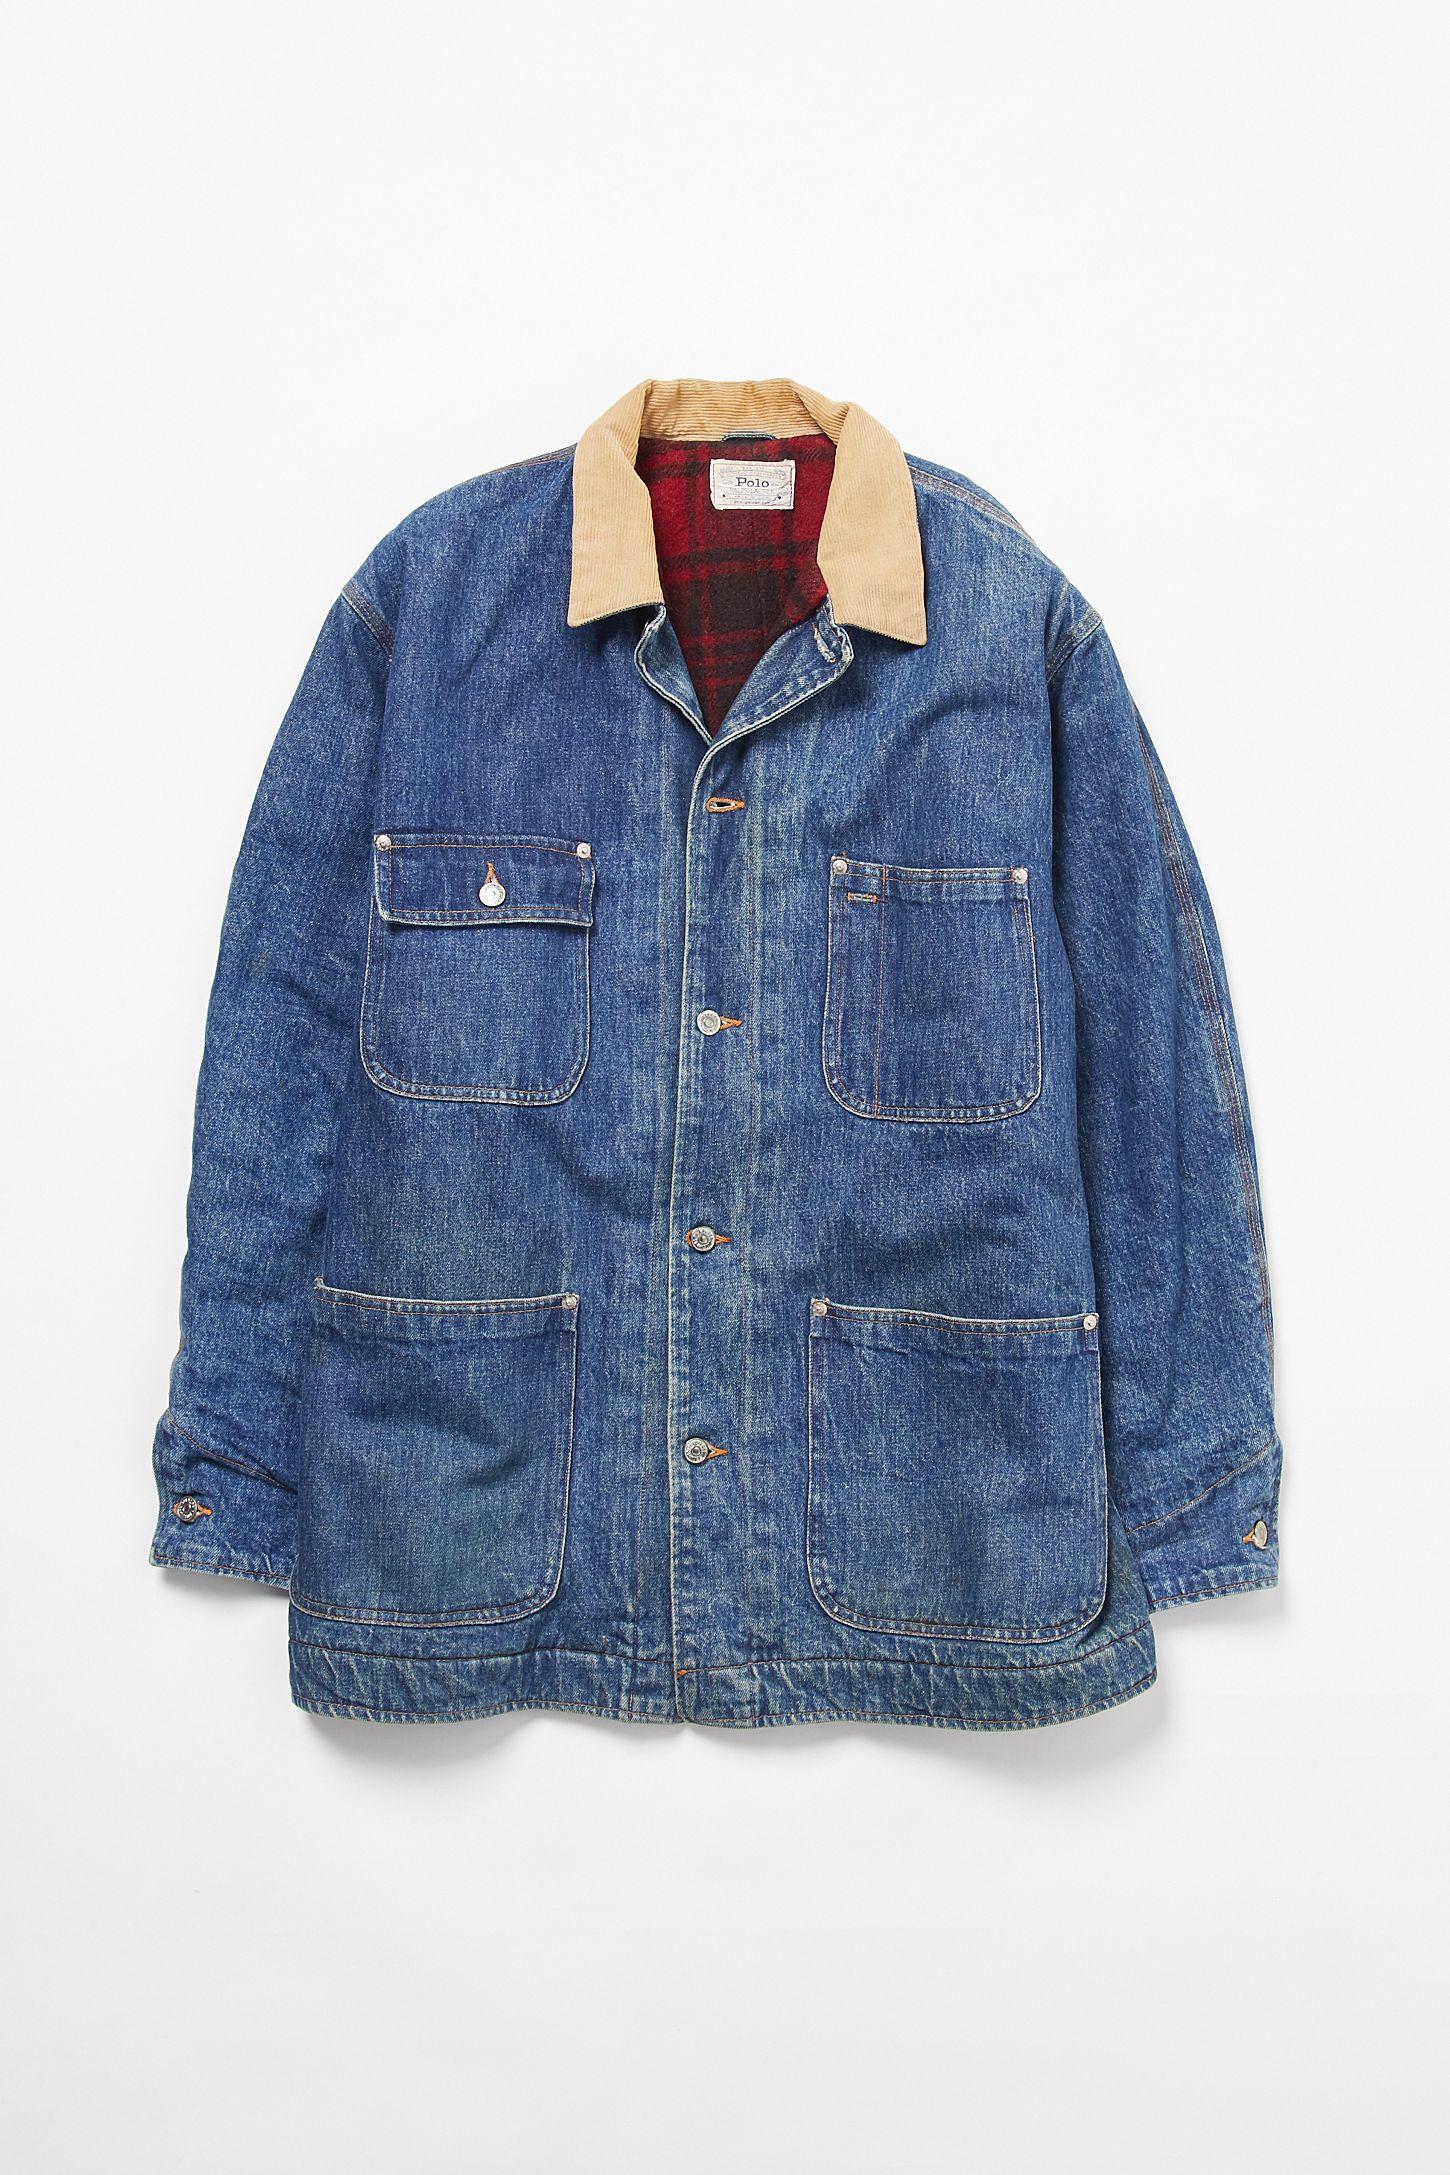 62f173d296e3a3 Vintage Polo Ralph Lauren Longline Oversized Denim Jacket